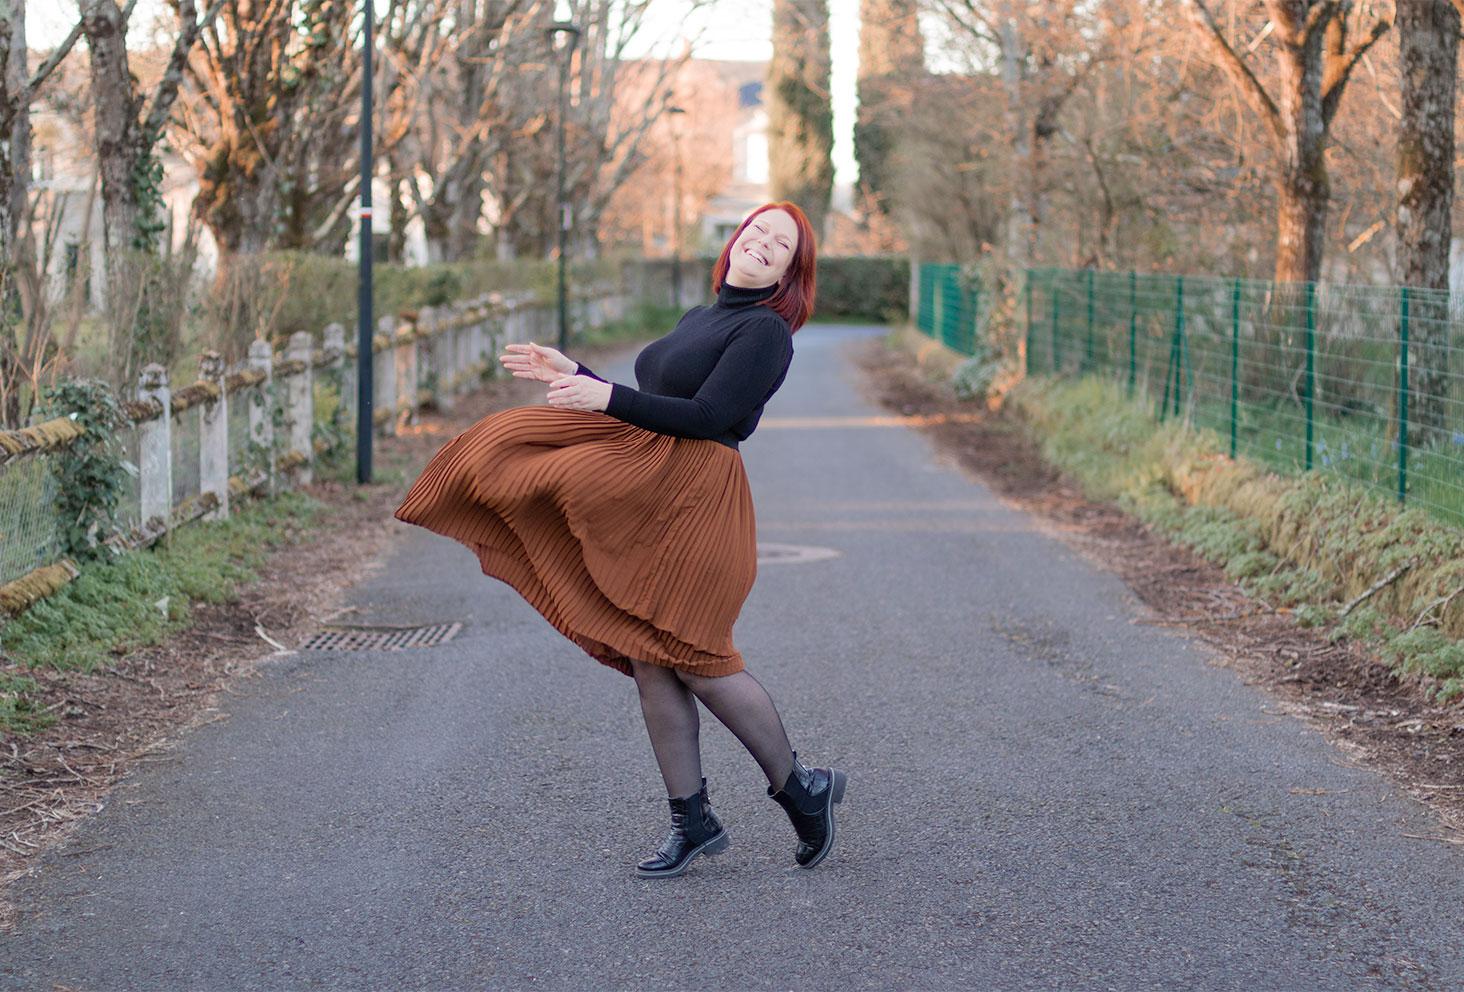 Jupe midi volante marron portée avec un pull moulant à col roulé noir, des collant fin et des bottines noires effet croco